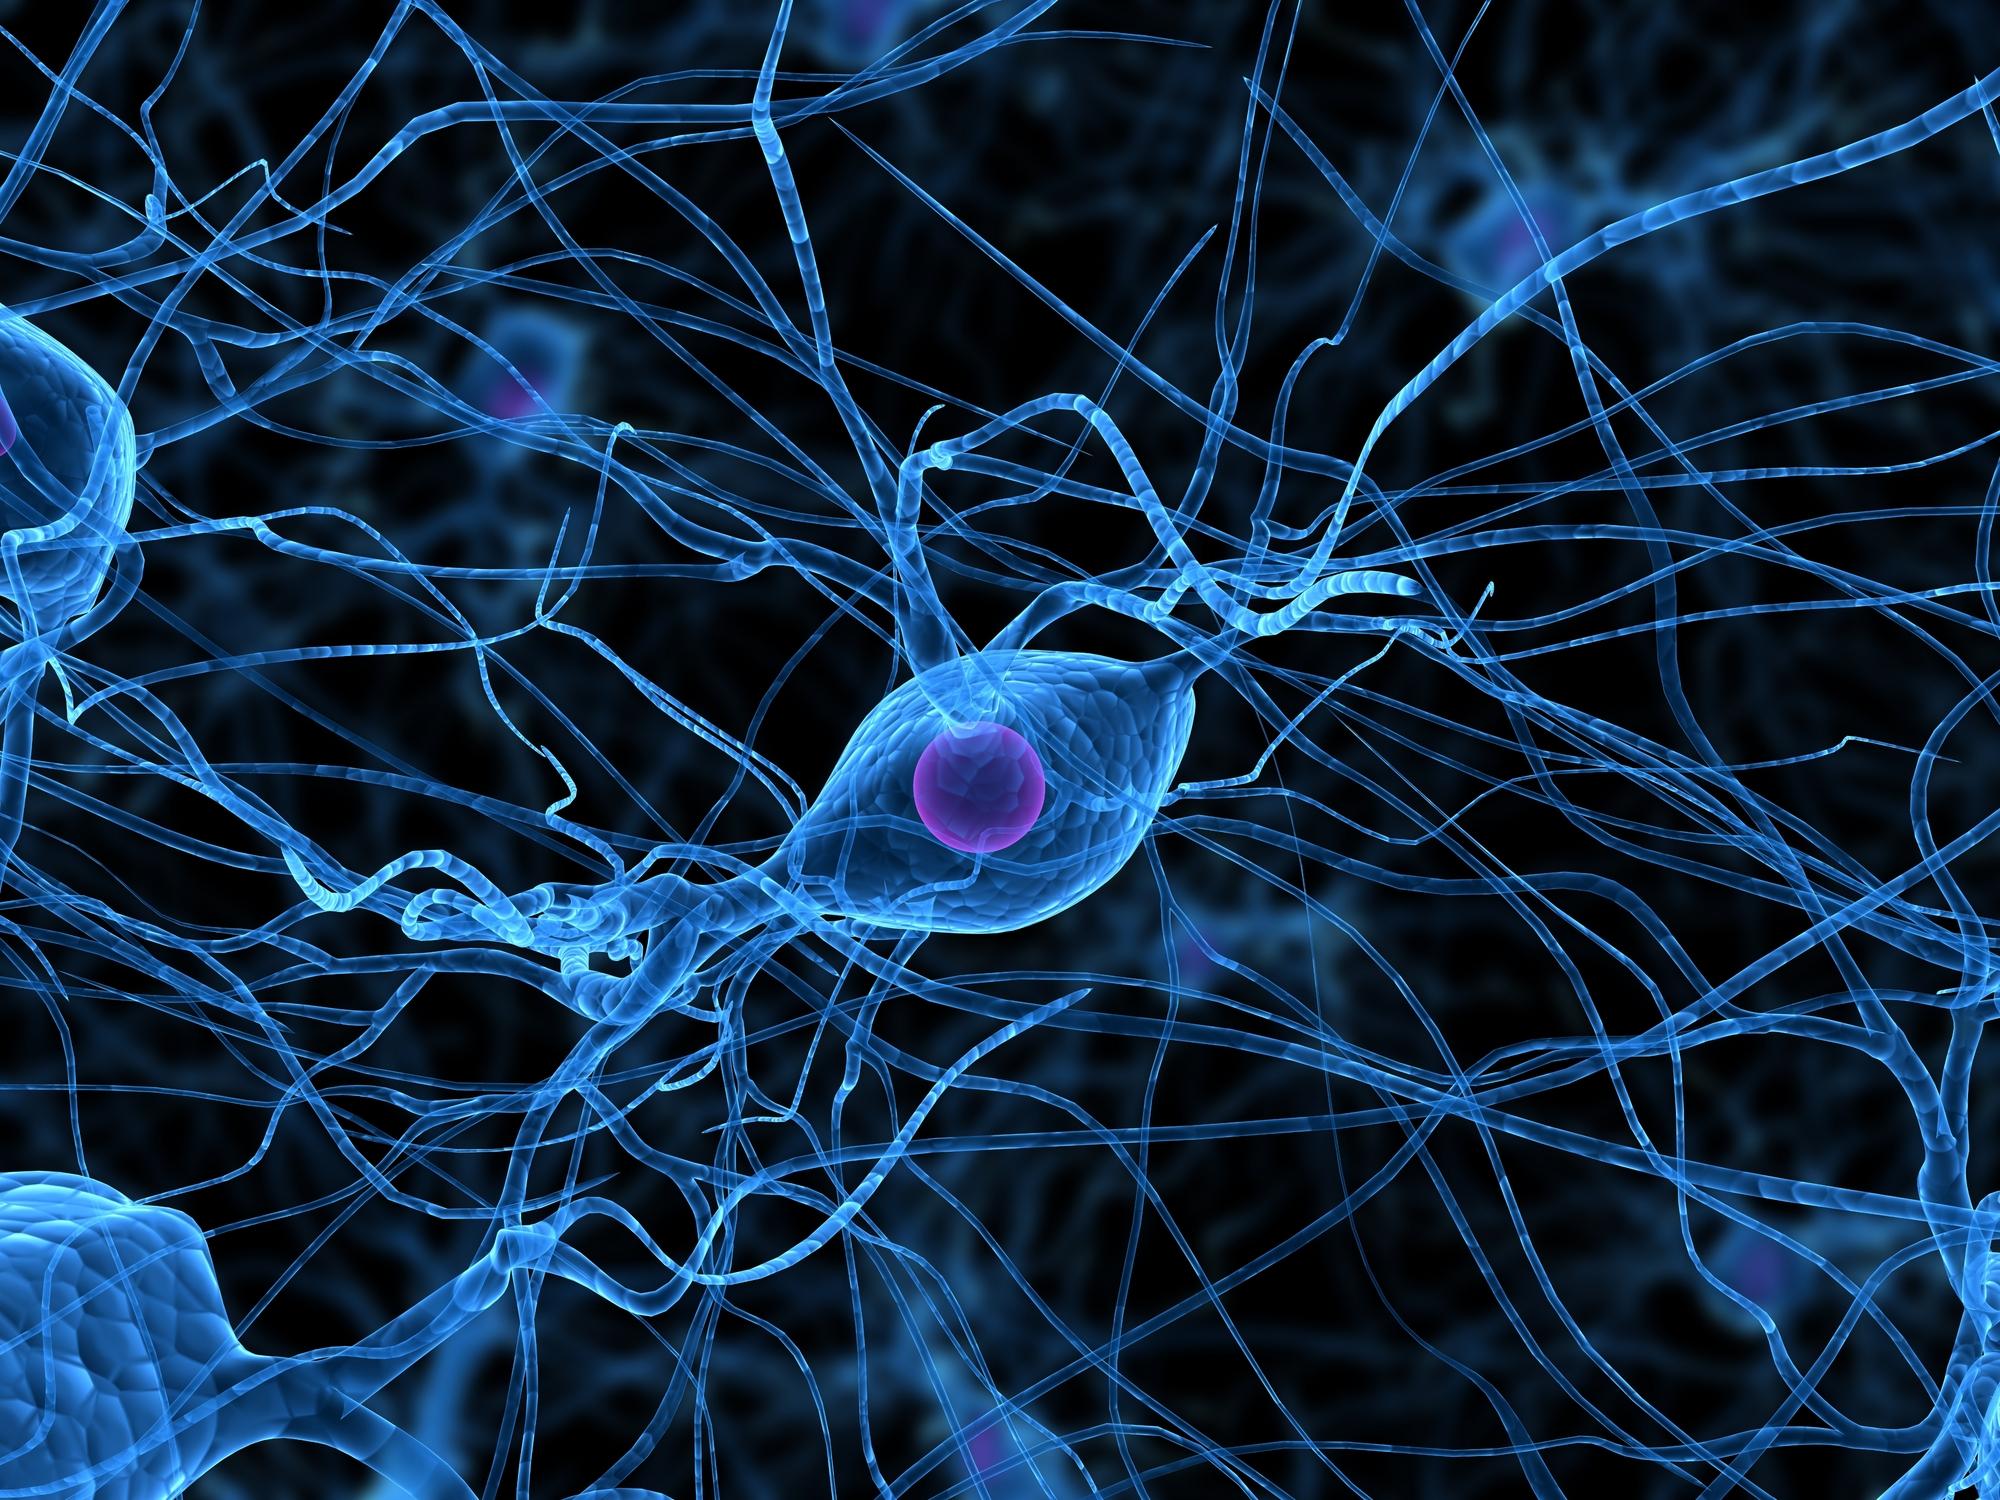 illustration-of-human-nerve-cells_dreamstime_5498780